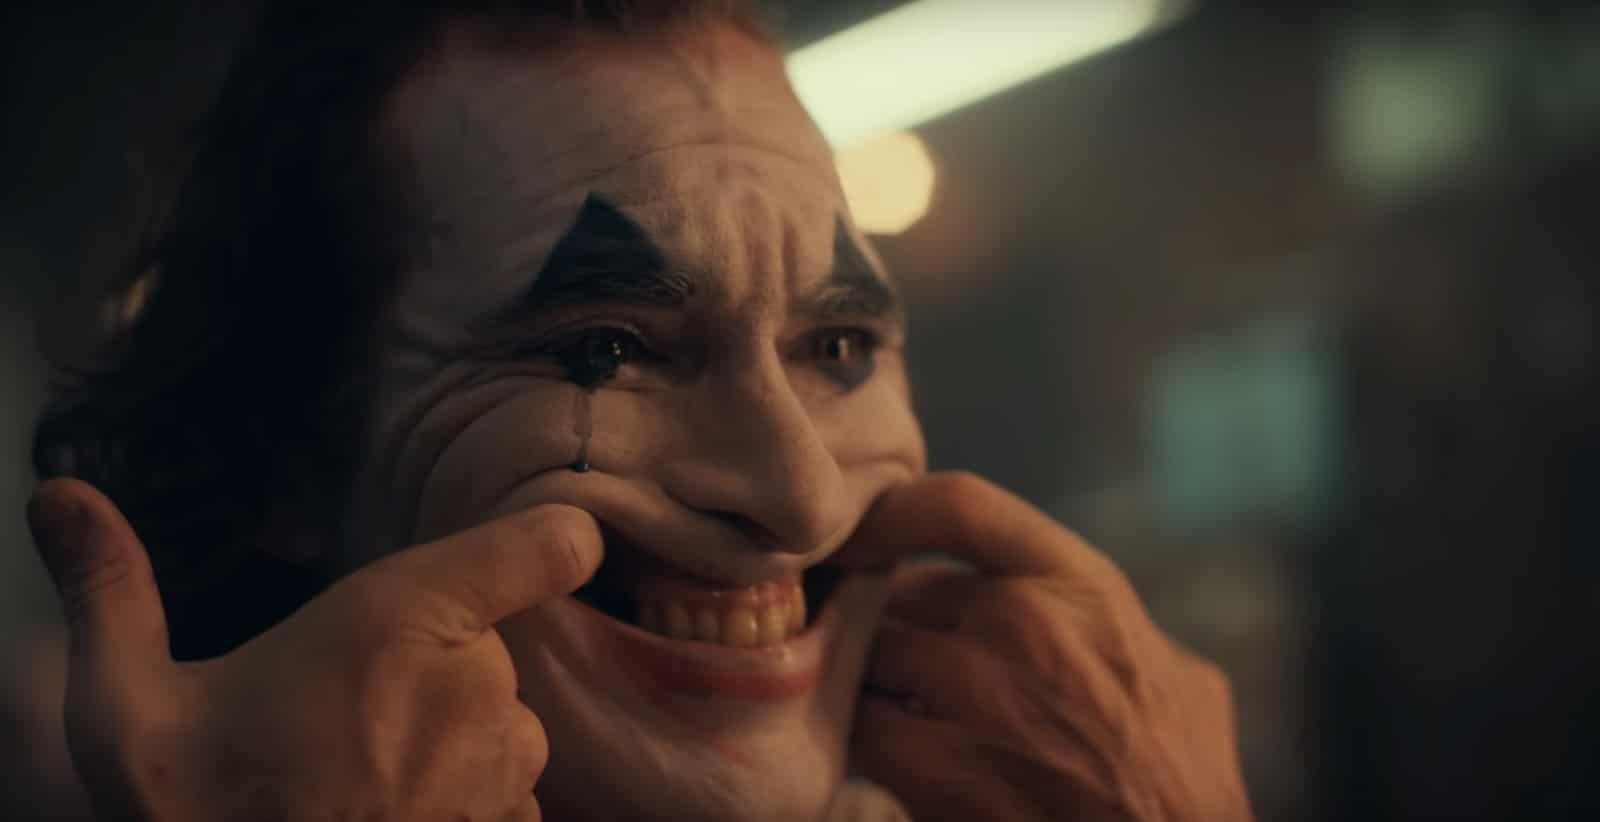 Joker Movie Review - Joker Smile - StudioBinder - 3